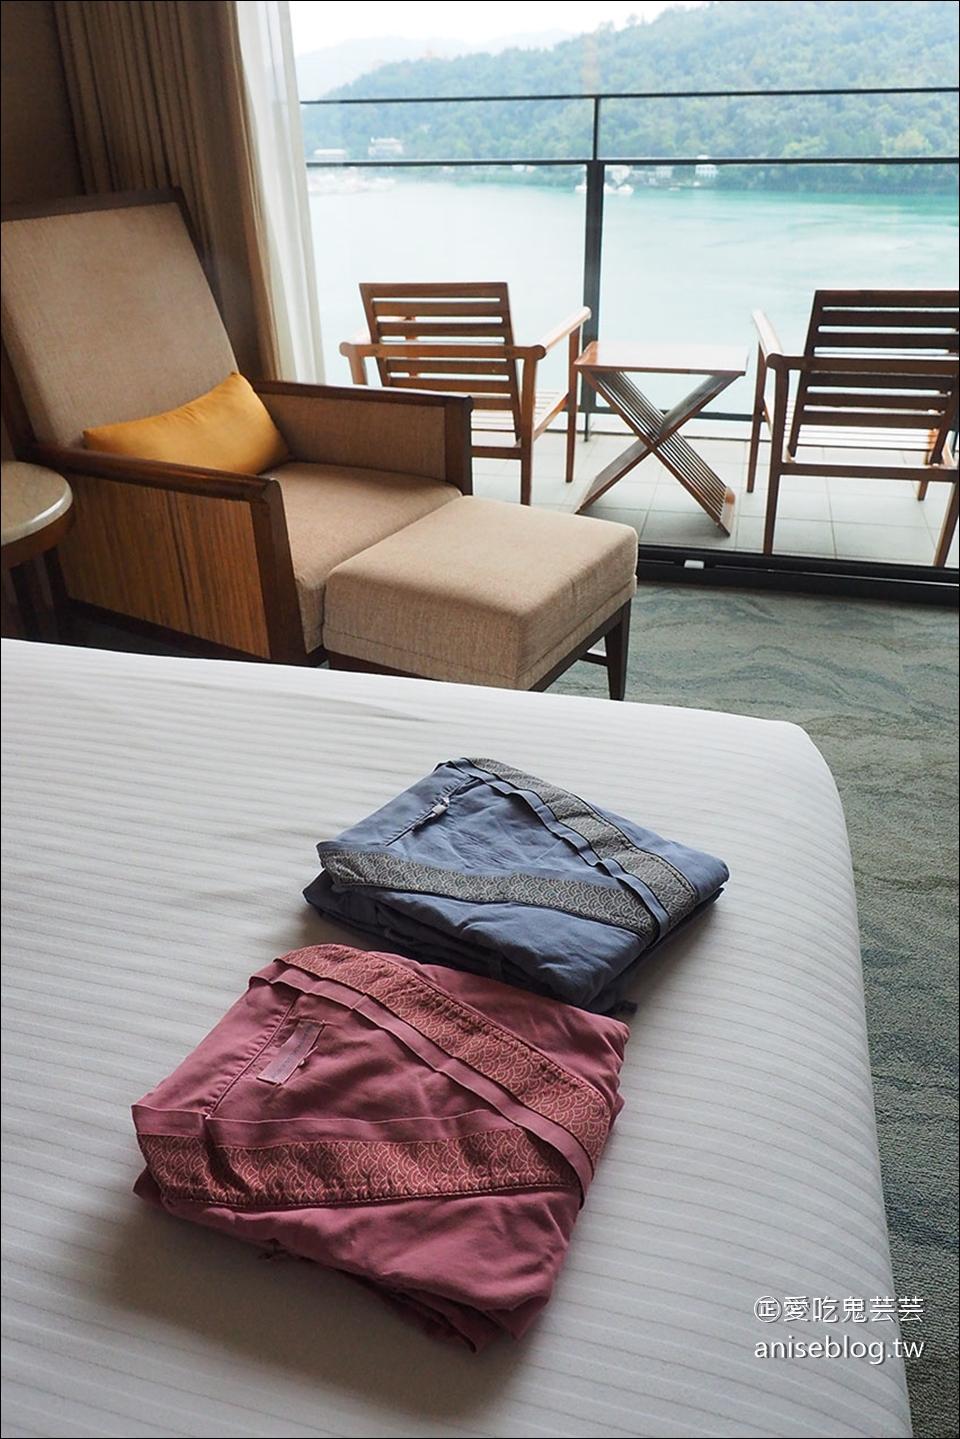 日月潭畔雲品溫泉酒店,絕美湖景房擁抱日月潭